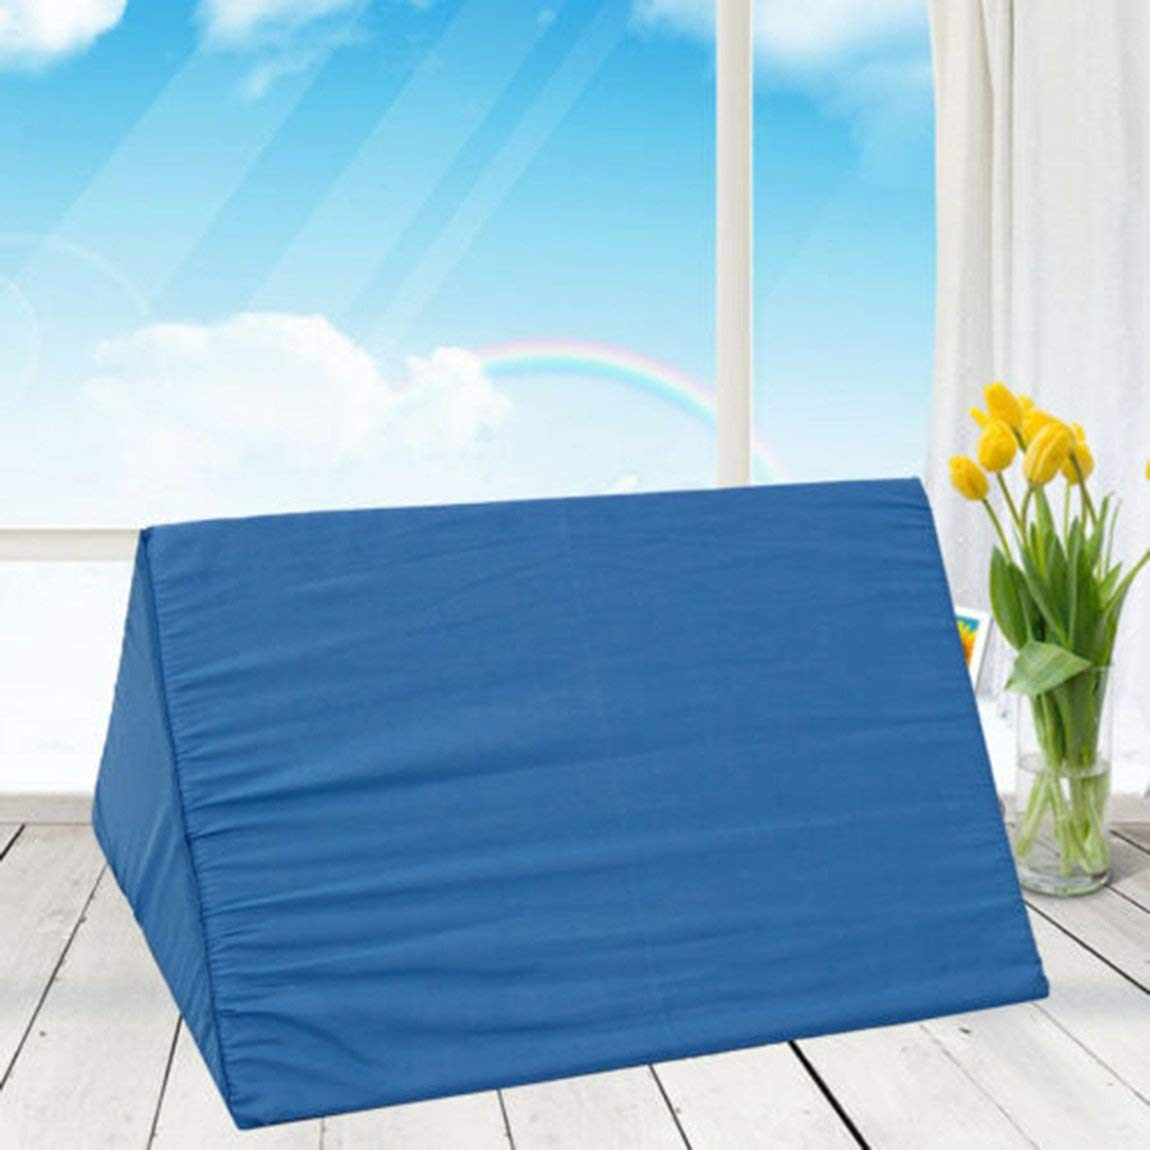 Cuscinetto per postura chirurgica R-Type Cuscino per ribaltamento Cuscino triangolare Riabilitazione Arto superiore Cuscino per il corpo laterale Cuscino girevole colore: blu dimensioni: 50 * 25 * 20 cm